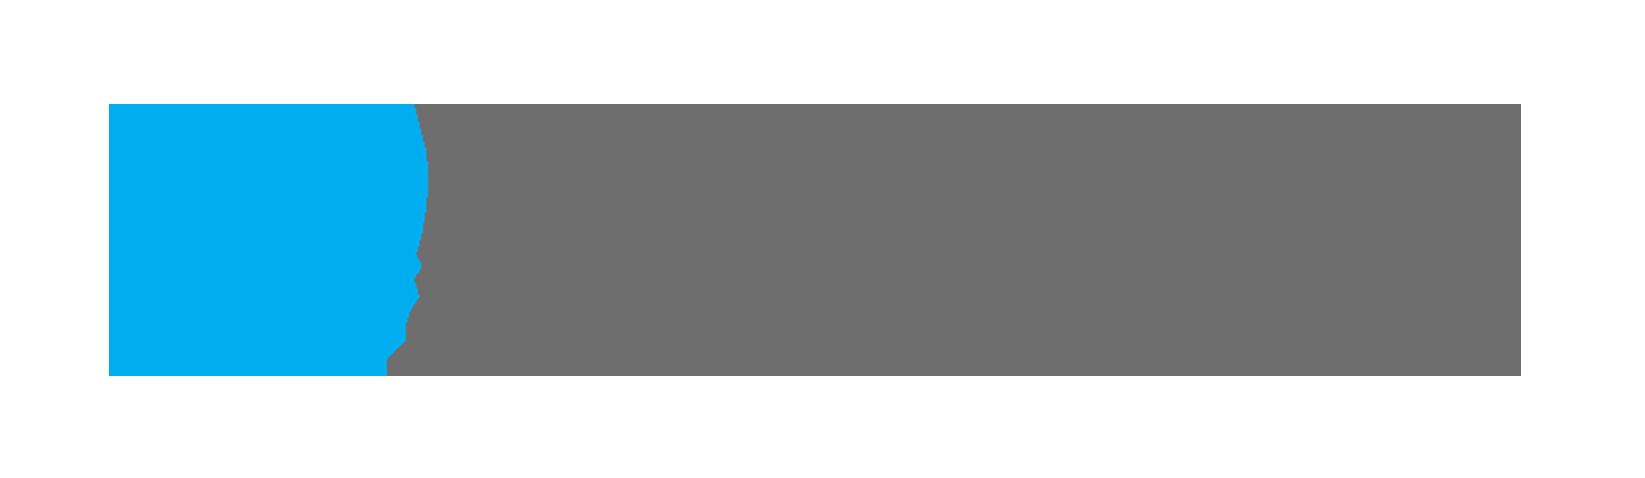 Activate Studios